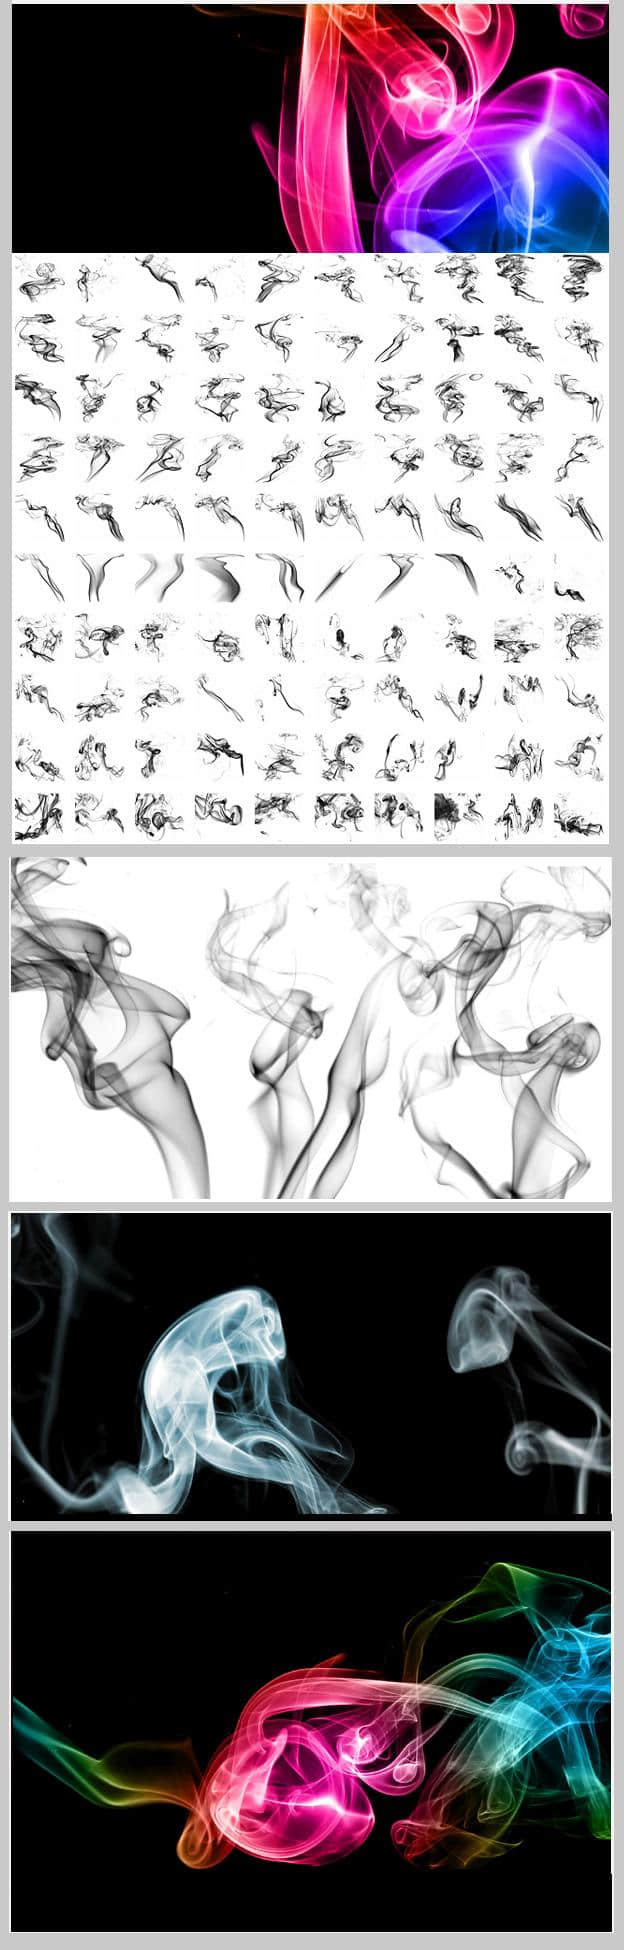 高清1250PX多种烟雾素材photoshop笔刷